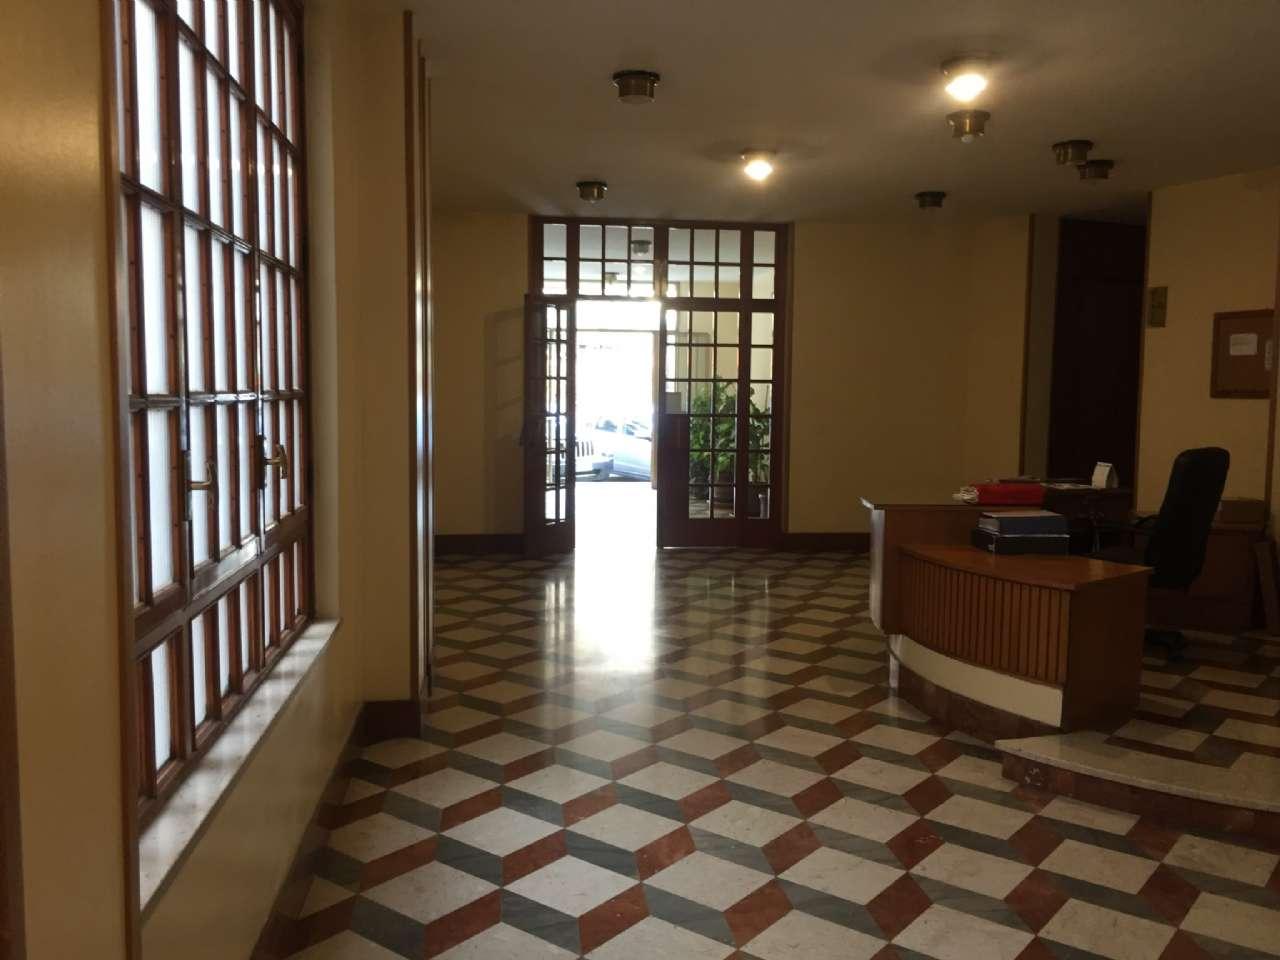 Quadrilocale, Via Ercole Bernabei, zona Malaspina, Palermo, foto 16